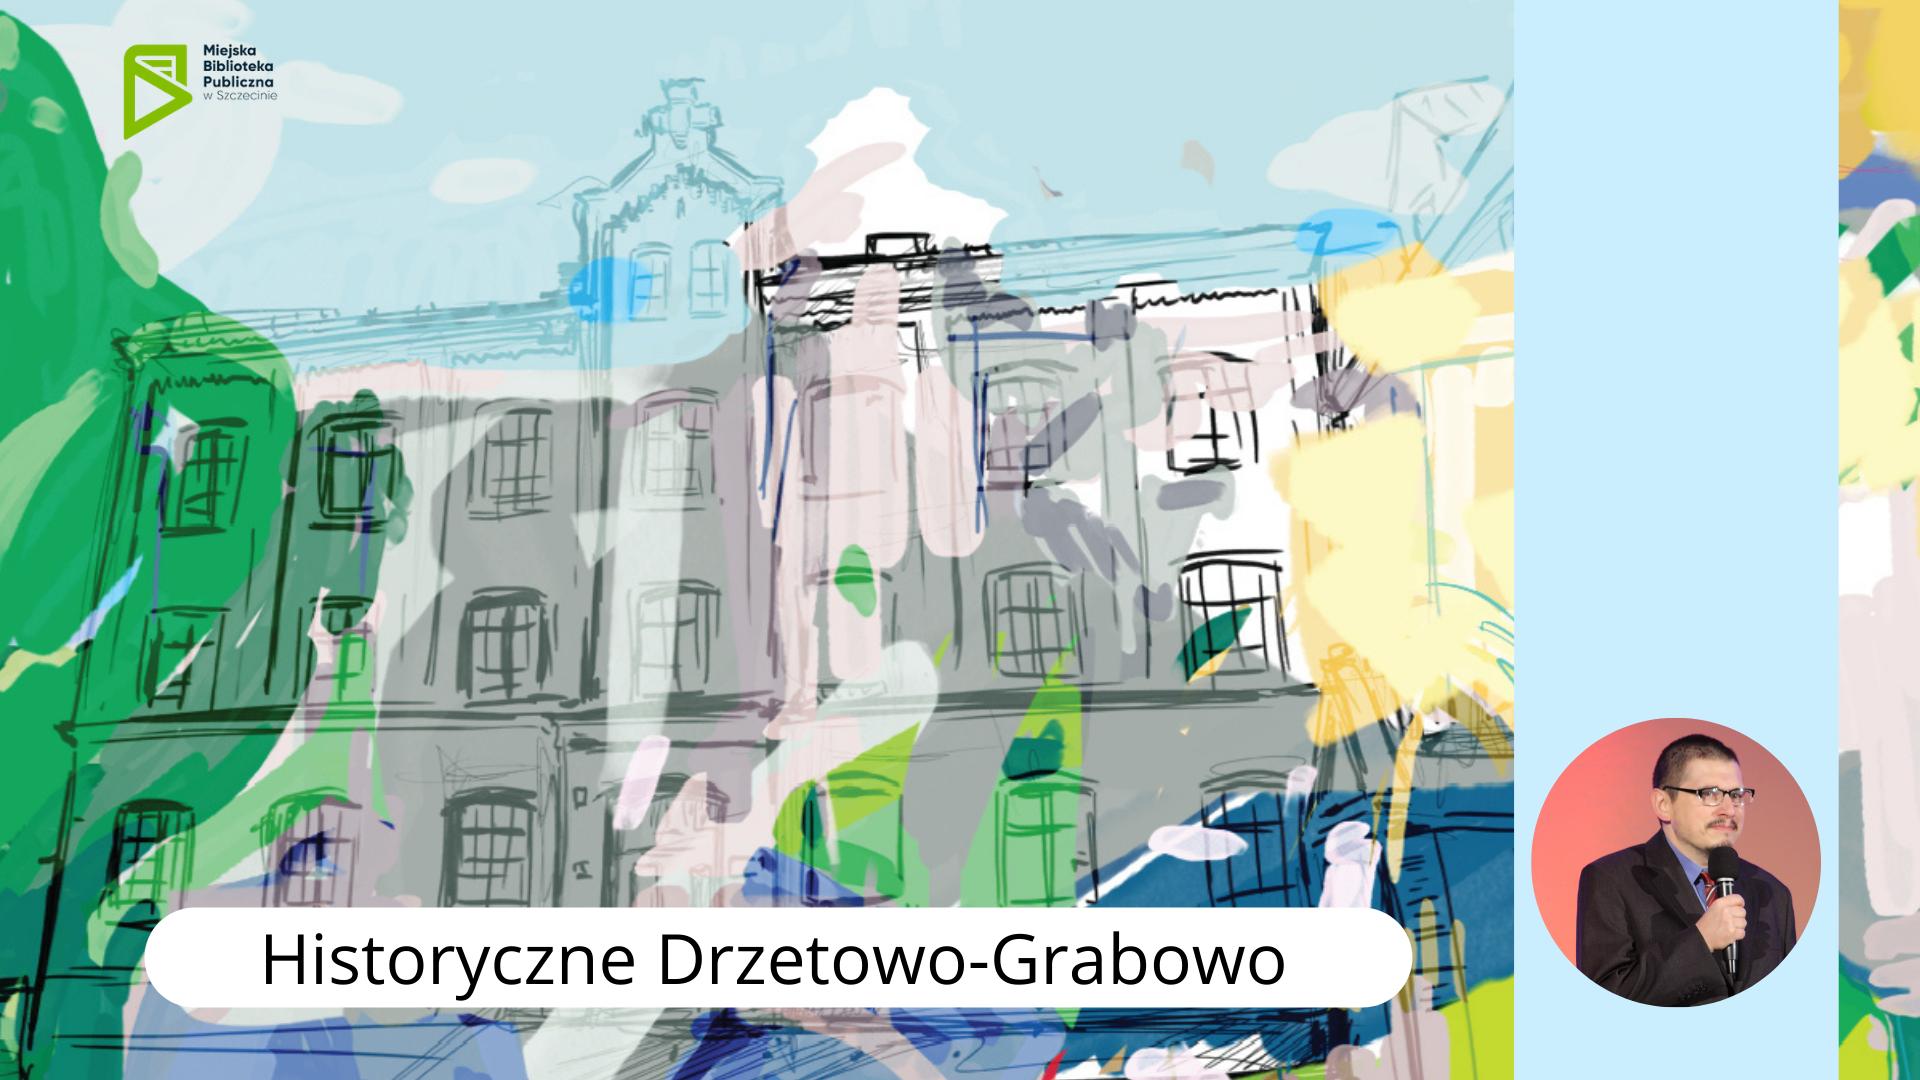 Historyczne Drzetowo-Grabowo